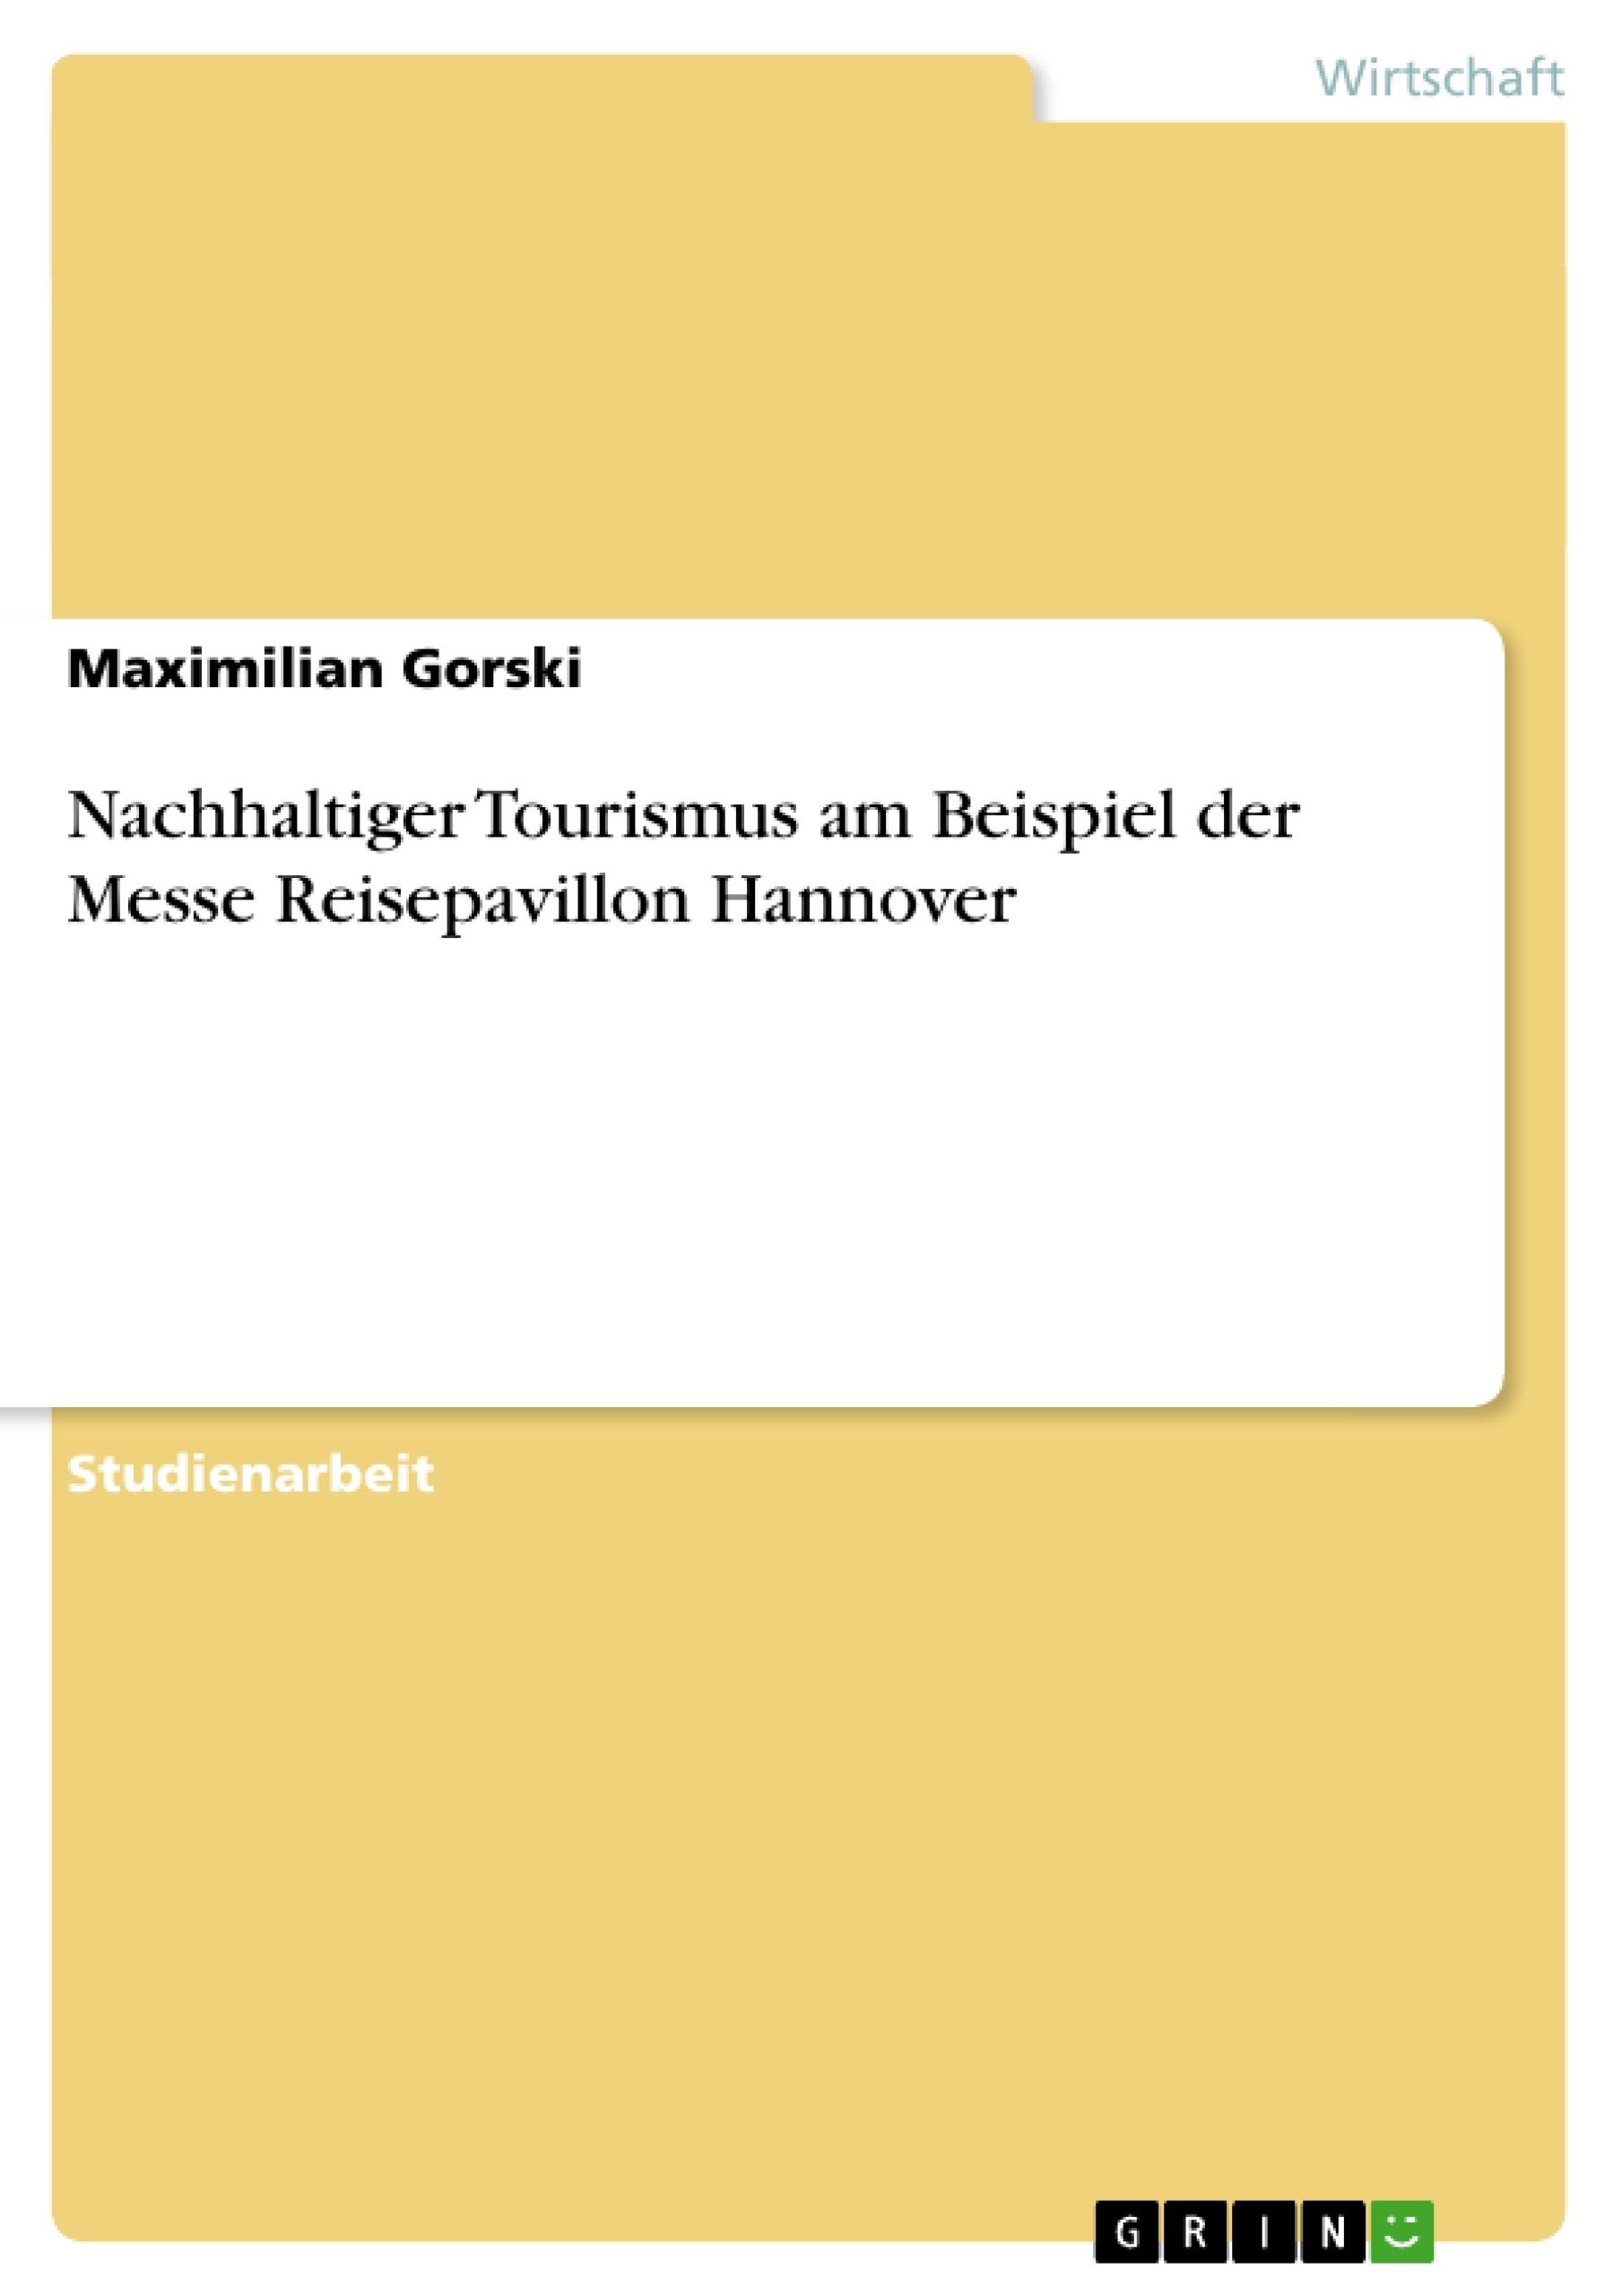 Titel: Nachhaltiger Tourismus am Beispiel der Messe Reisepavillon Hannover